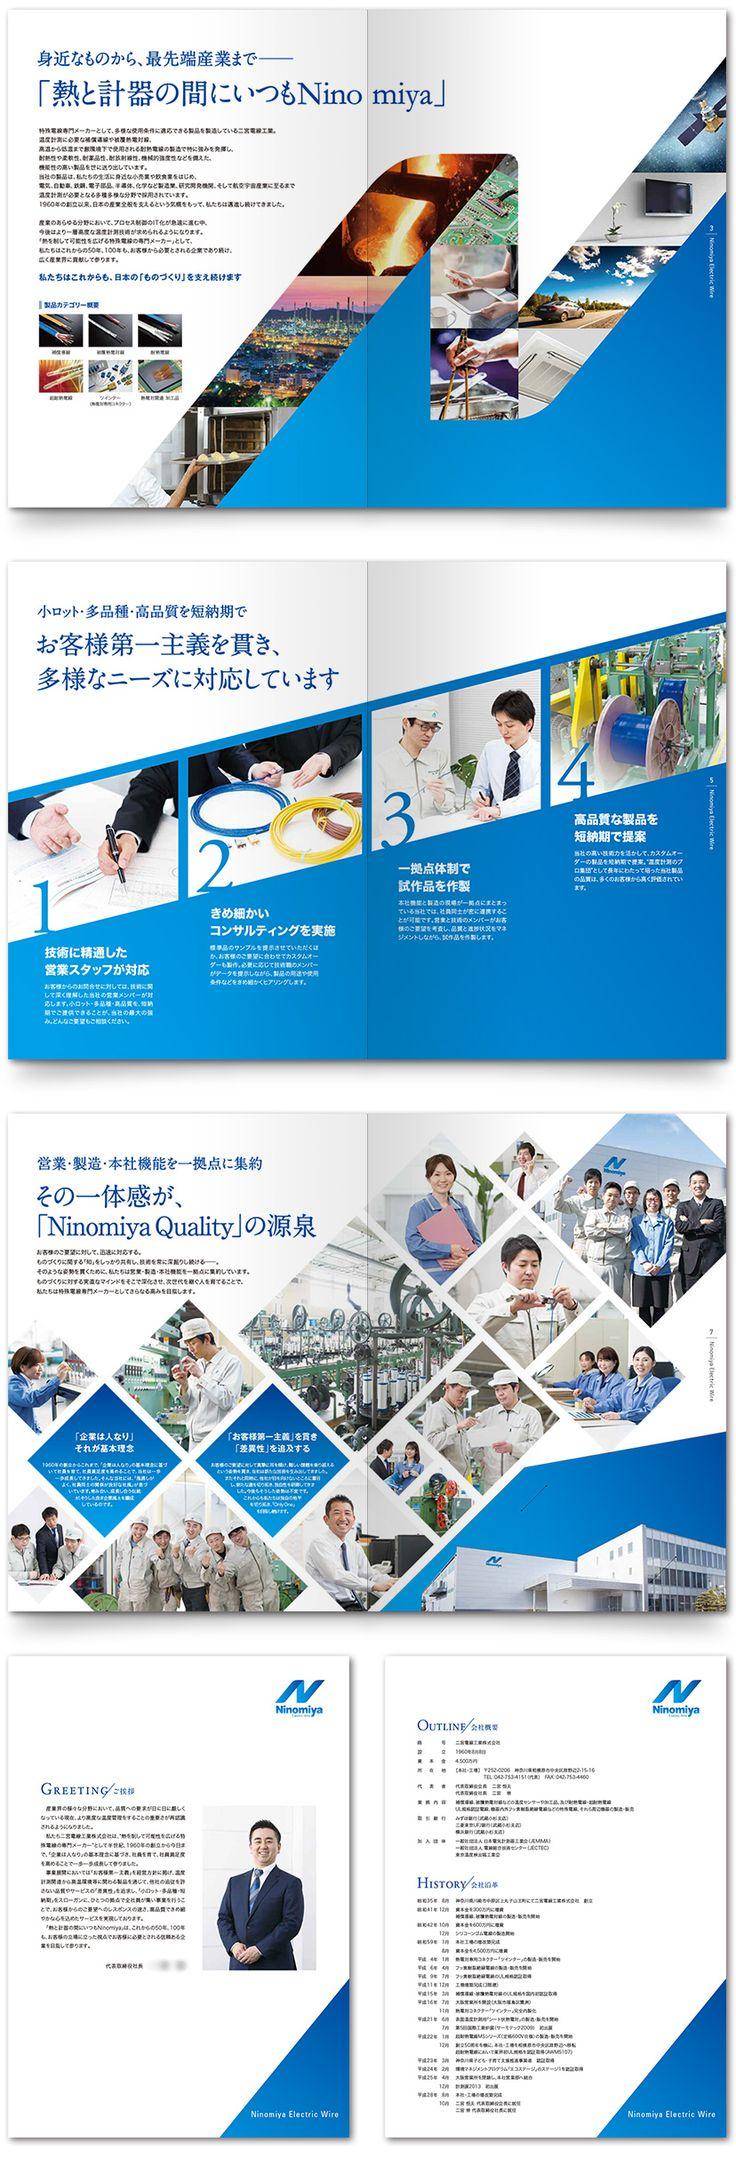 特殊電線専門メーカーの企業パンフレット